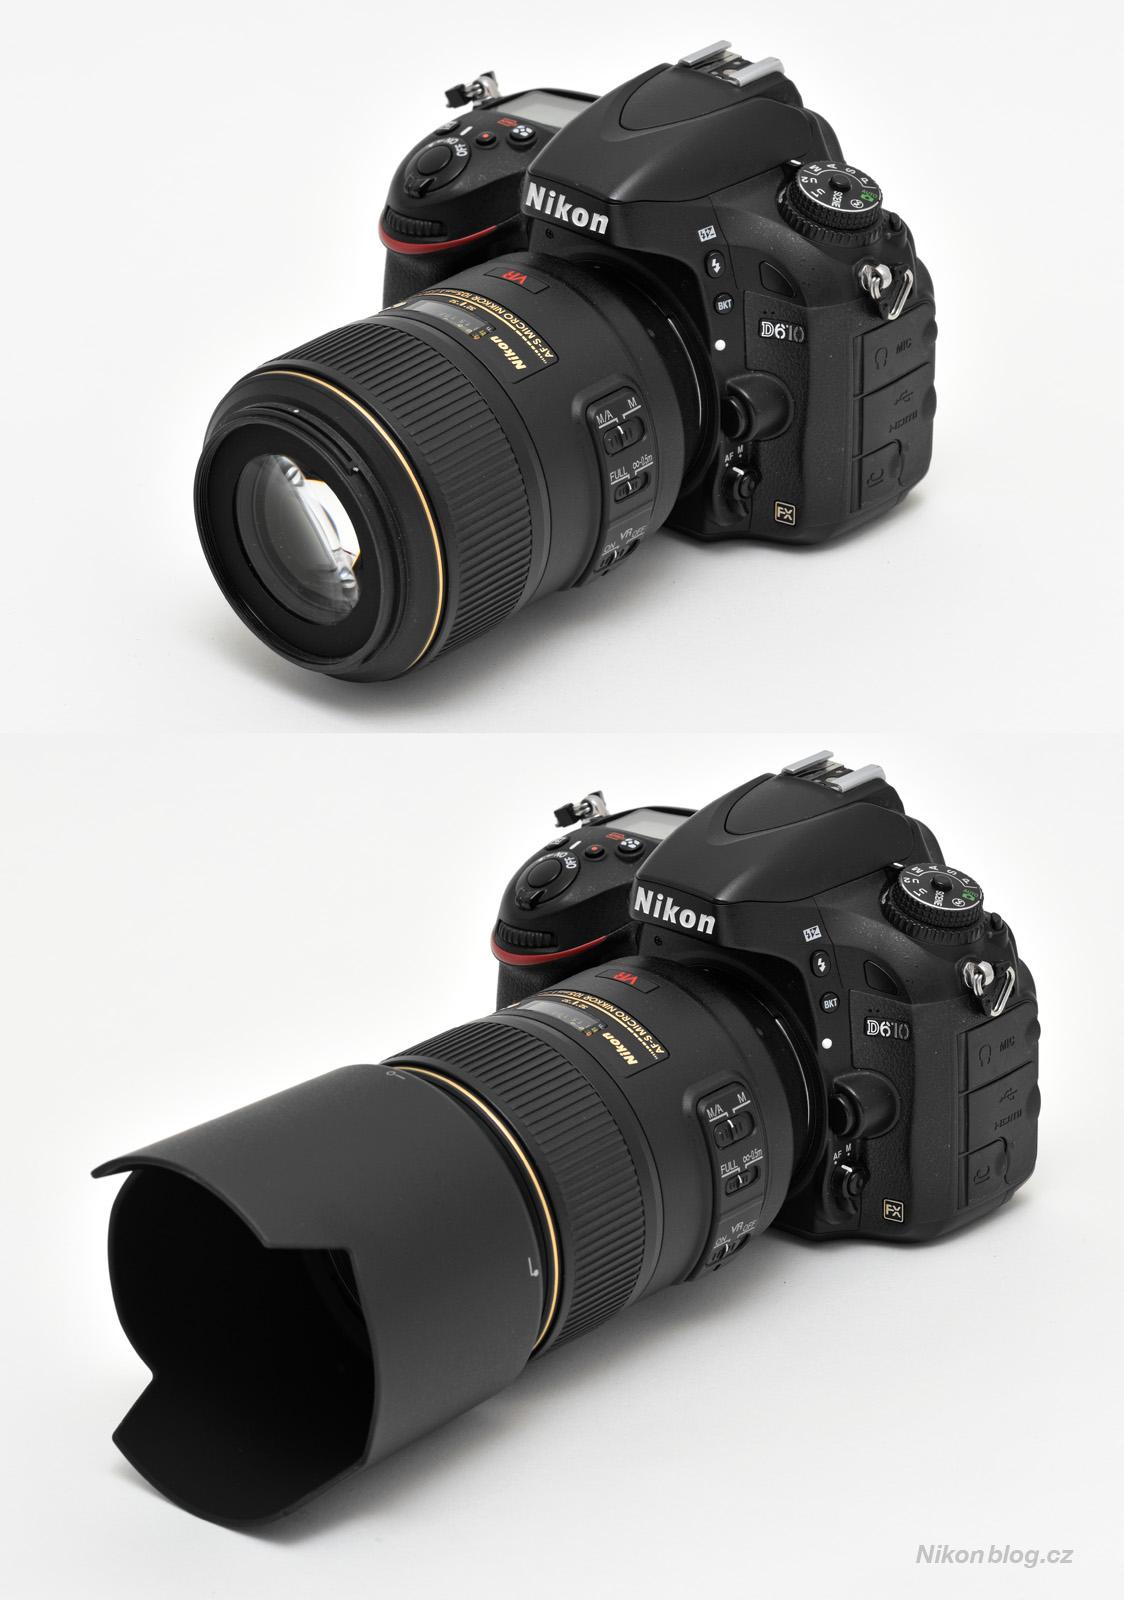 AF-S VR Micro-Nikkor 105 mm F2,8G IF-ED na těle Nikonu D610 se standardně dodávanou sluneční clonou a bez ní